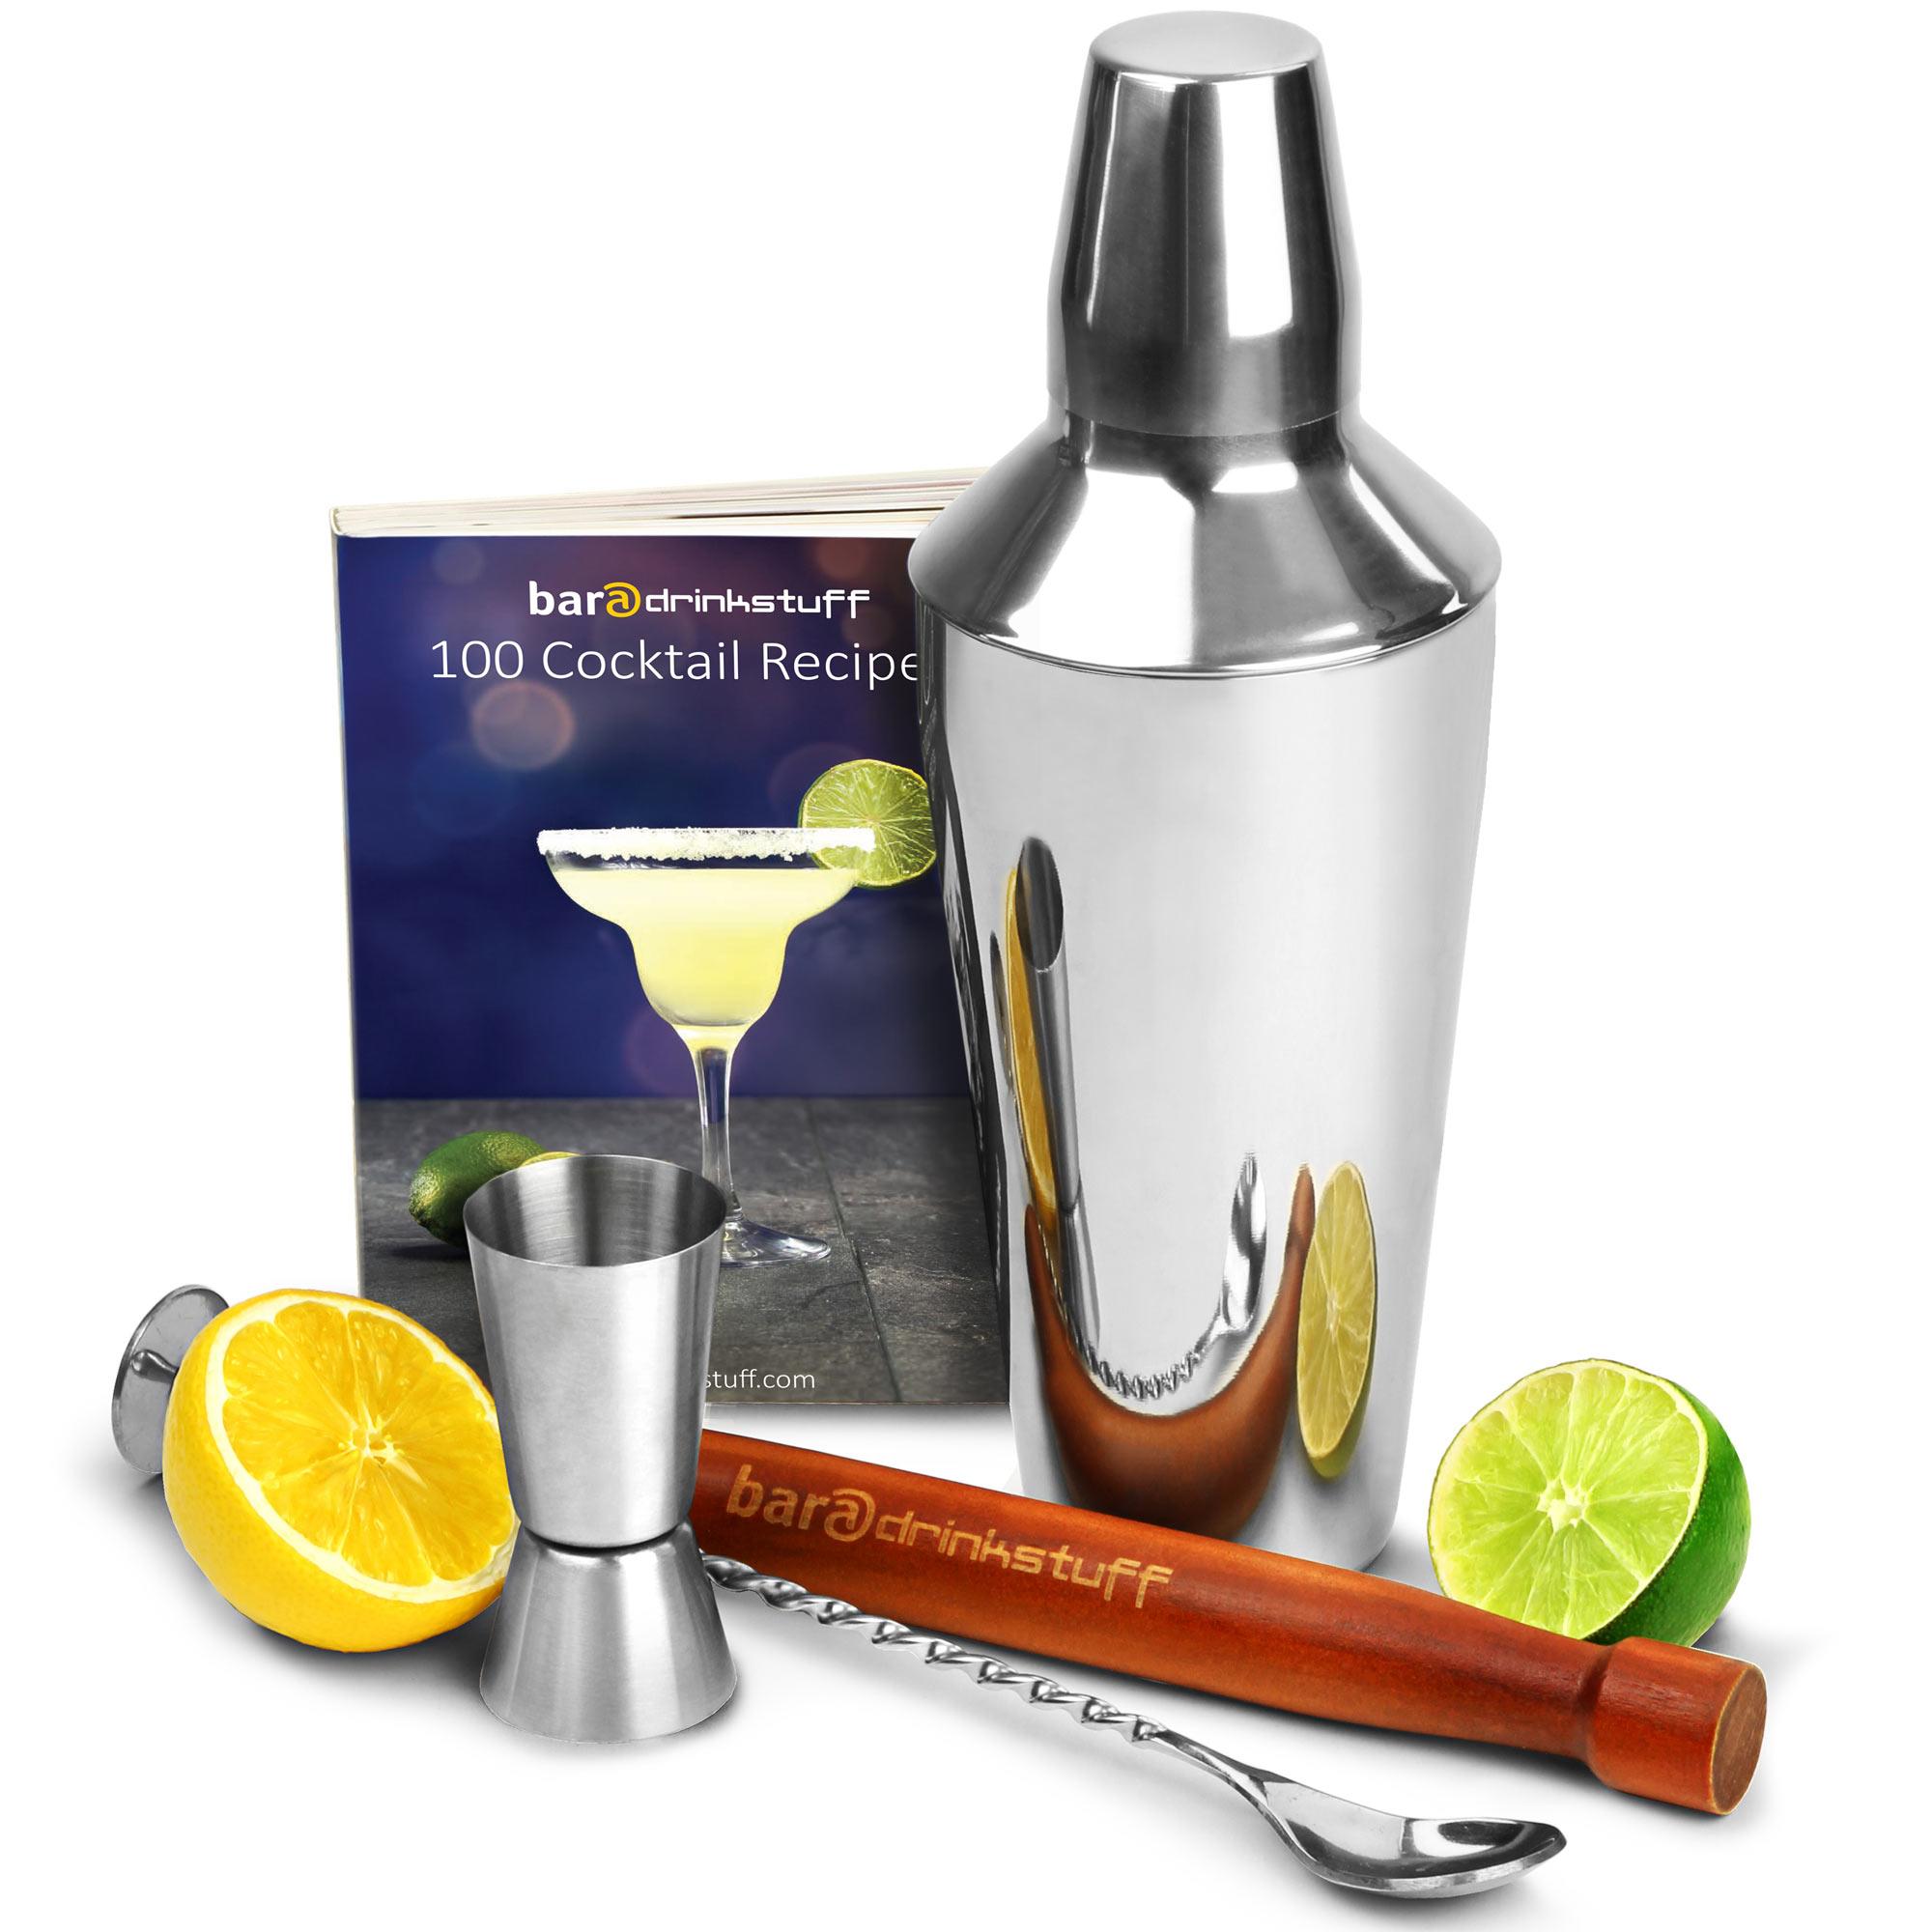 cobbler cocktail shaker set  cocktail set cocktail making set  - cobbler cocktail shaker set